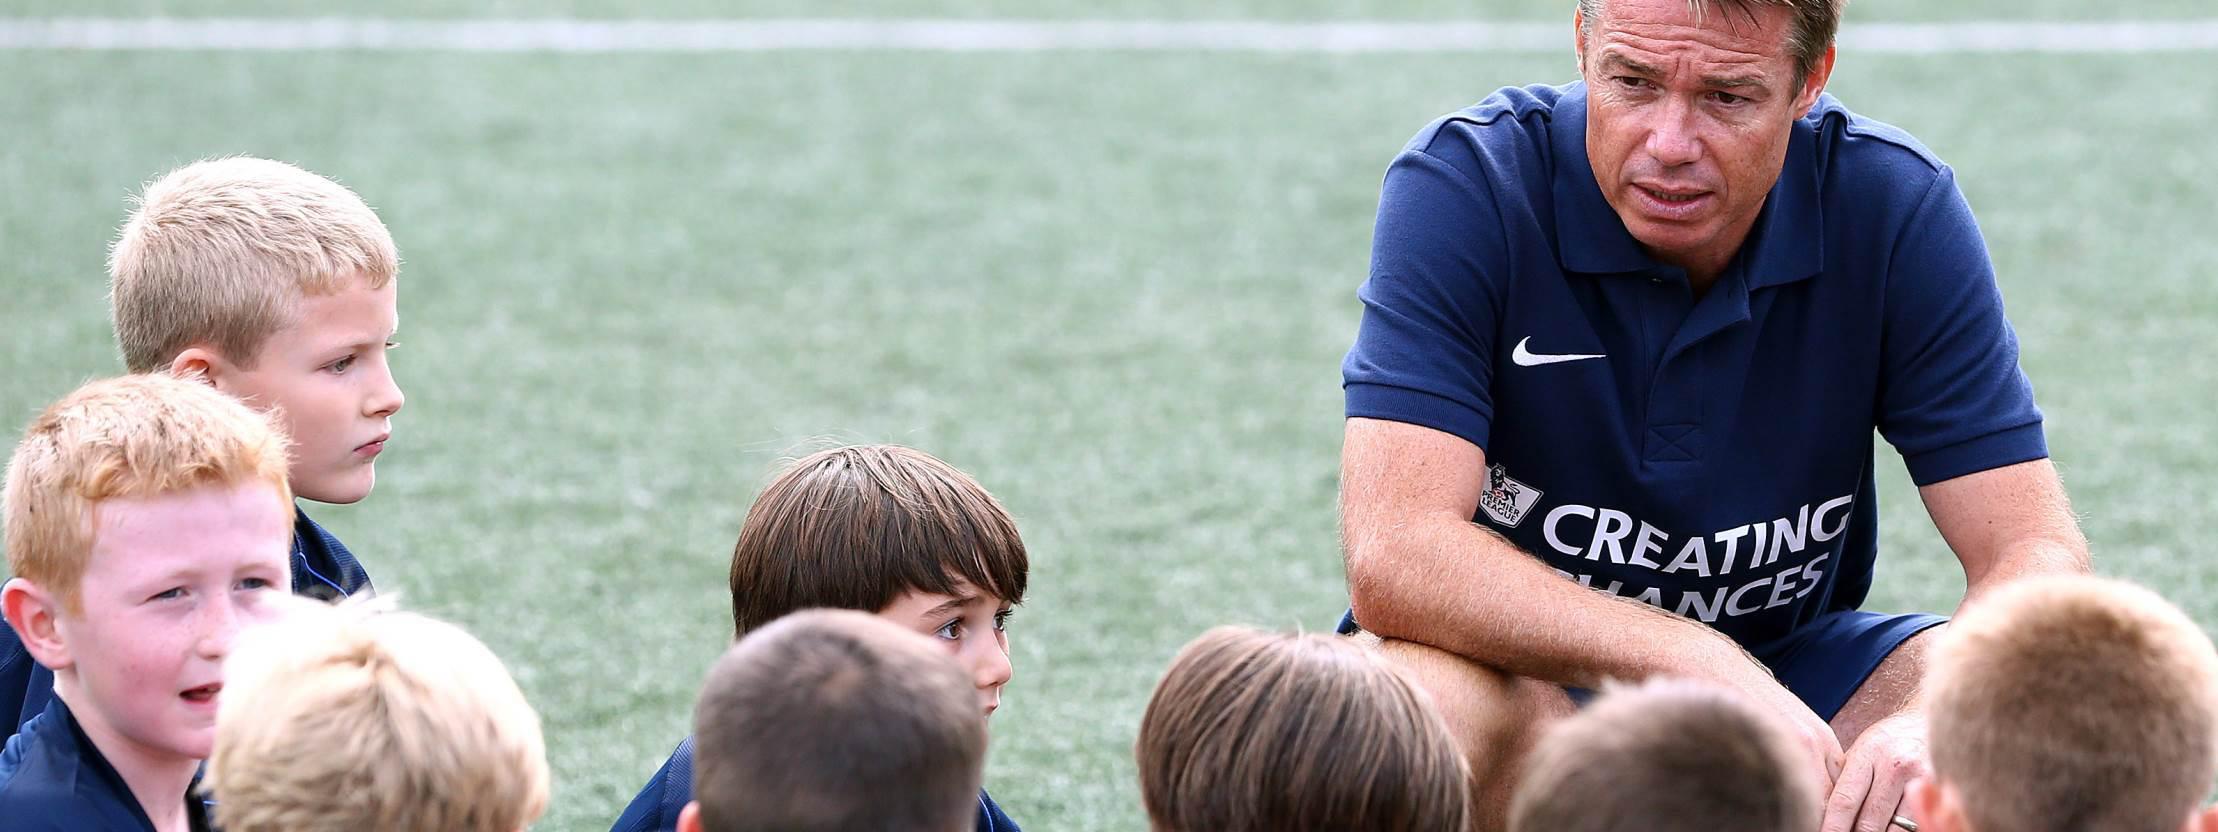 PSICOLOGÍA Y COVID: Cómo trabajar la motivación en los deportistas jóvenes